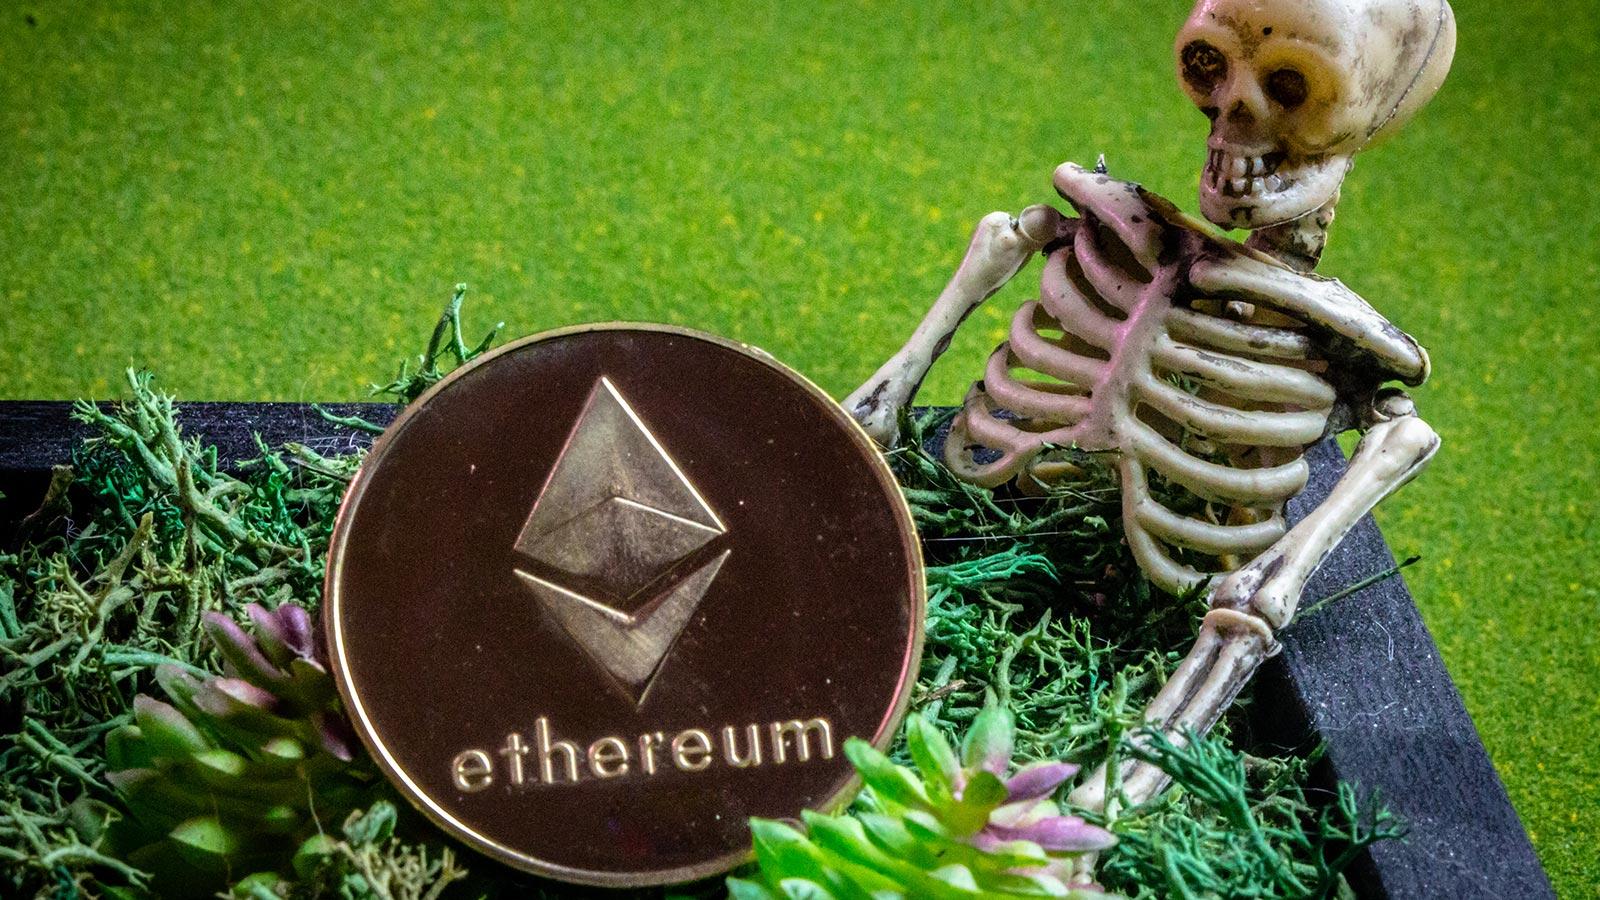 Usuários de Ethereum pagaram R$ 5,5 bilhões em taxas nos últimos 30 dias